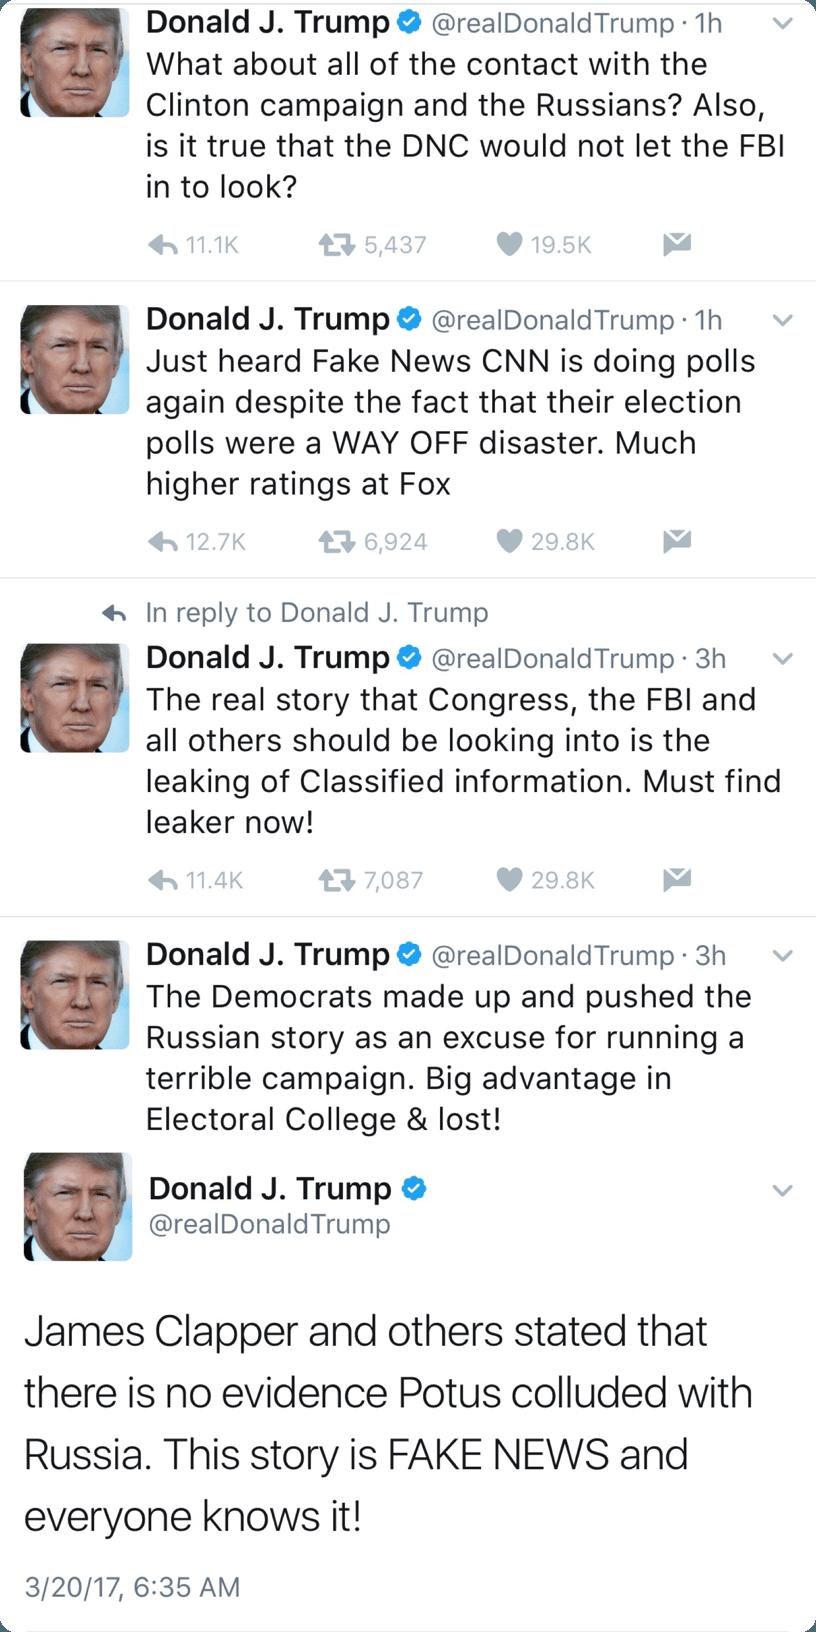 Image Trump tweets MAR 20